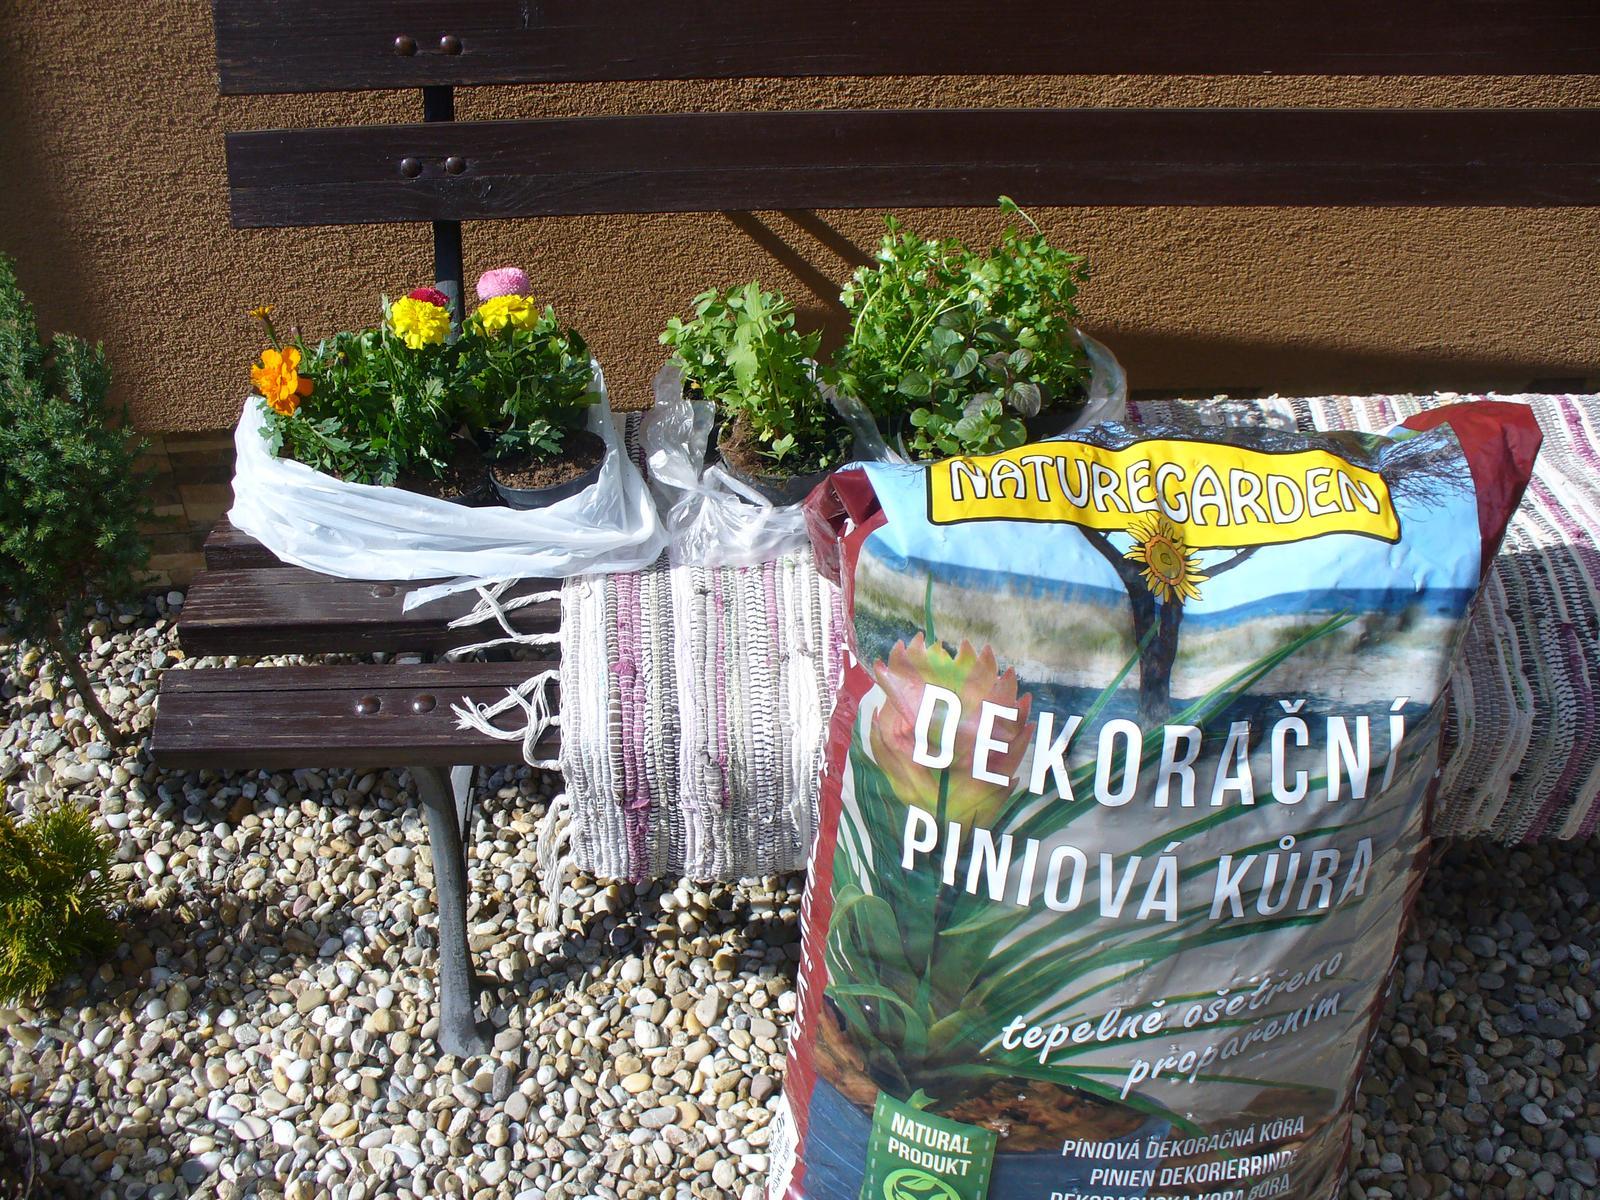 Prerábka, sadenie a úpravy v našej mini záhradke. - nákup